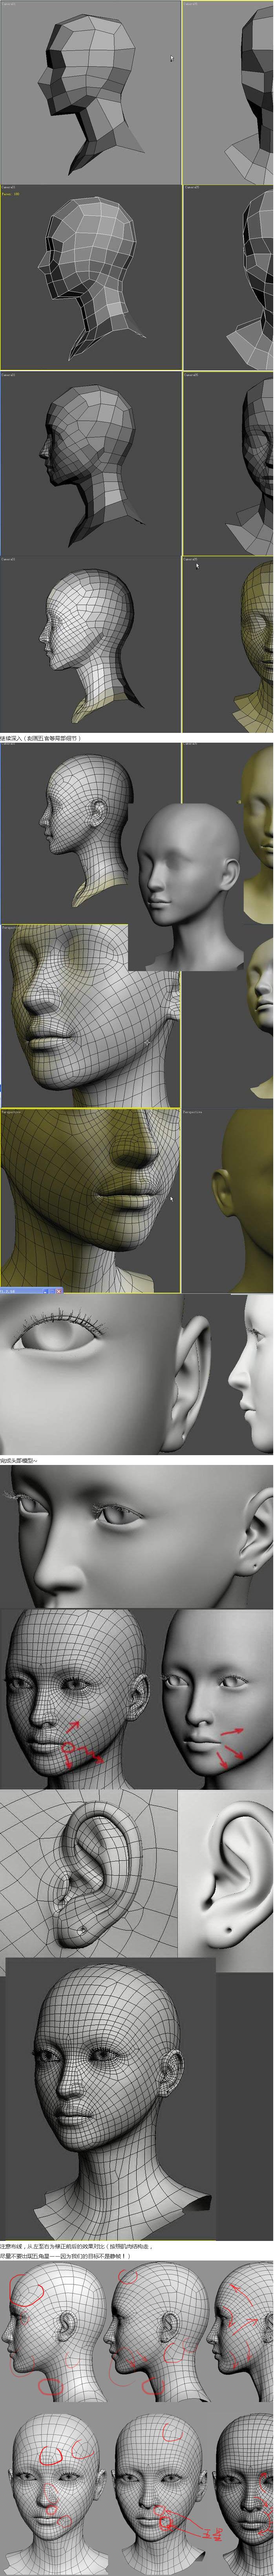 Pin de EMakerShop® en Impresión 3D | Pinterest | 3d, Modelado y ...